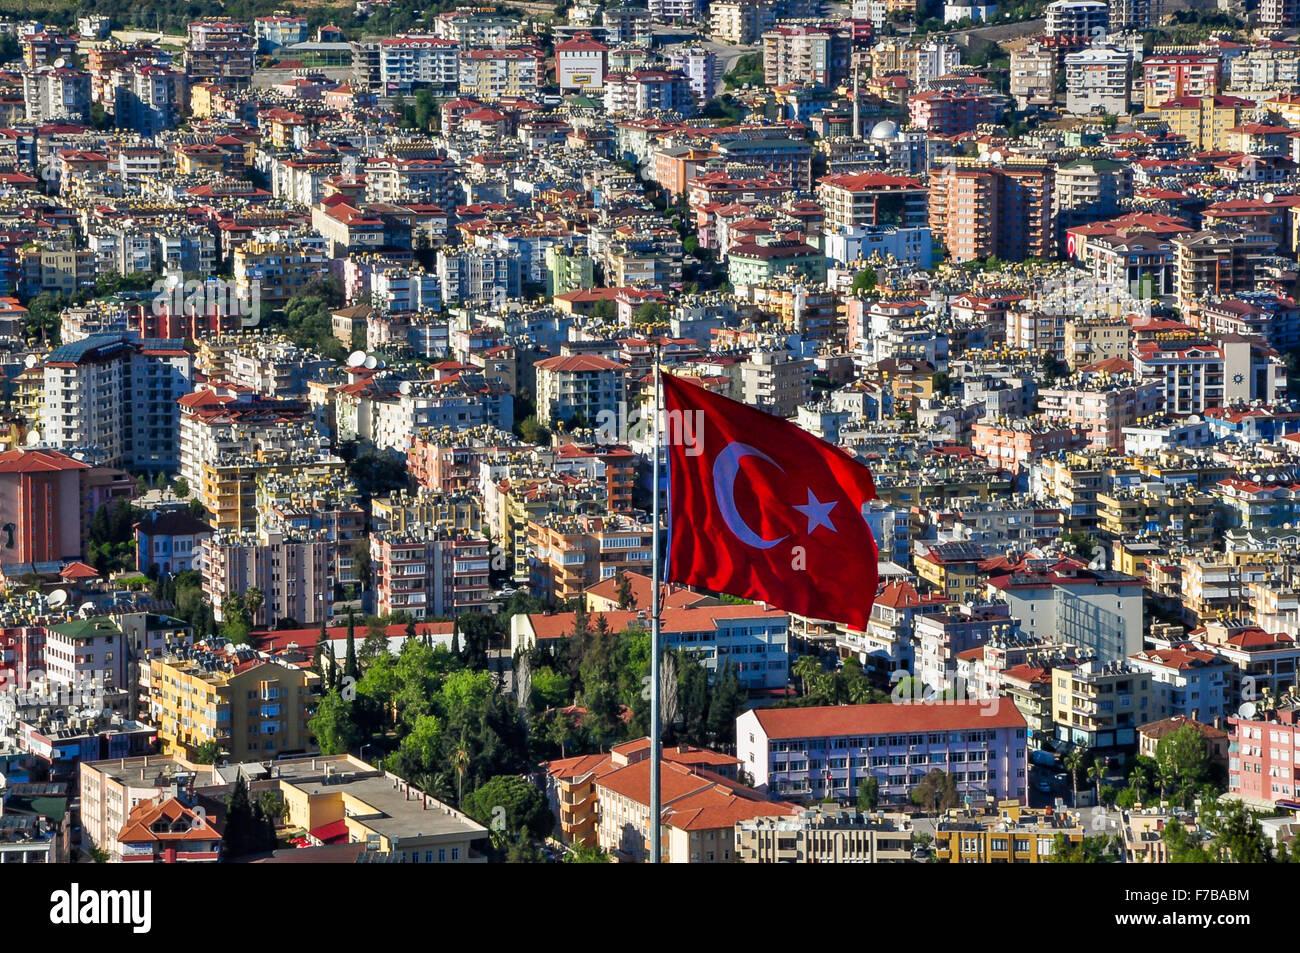 Turkish flag over Alanya - Stock Image